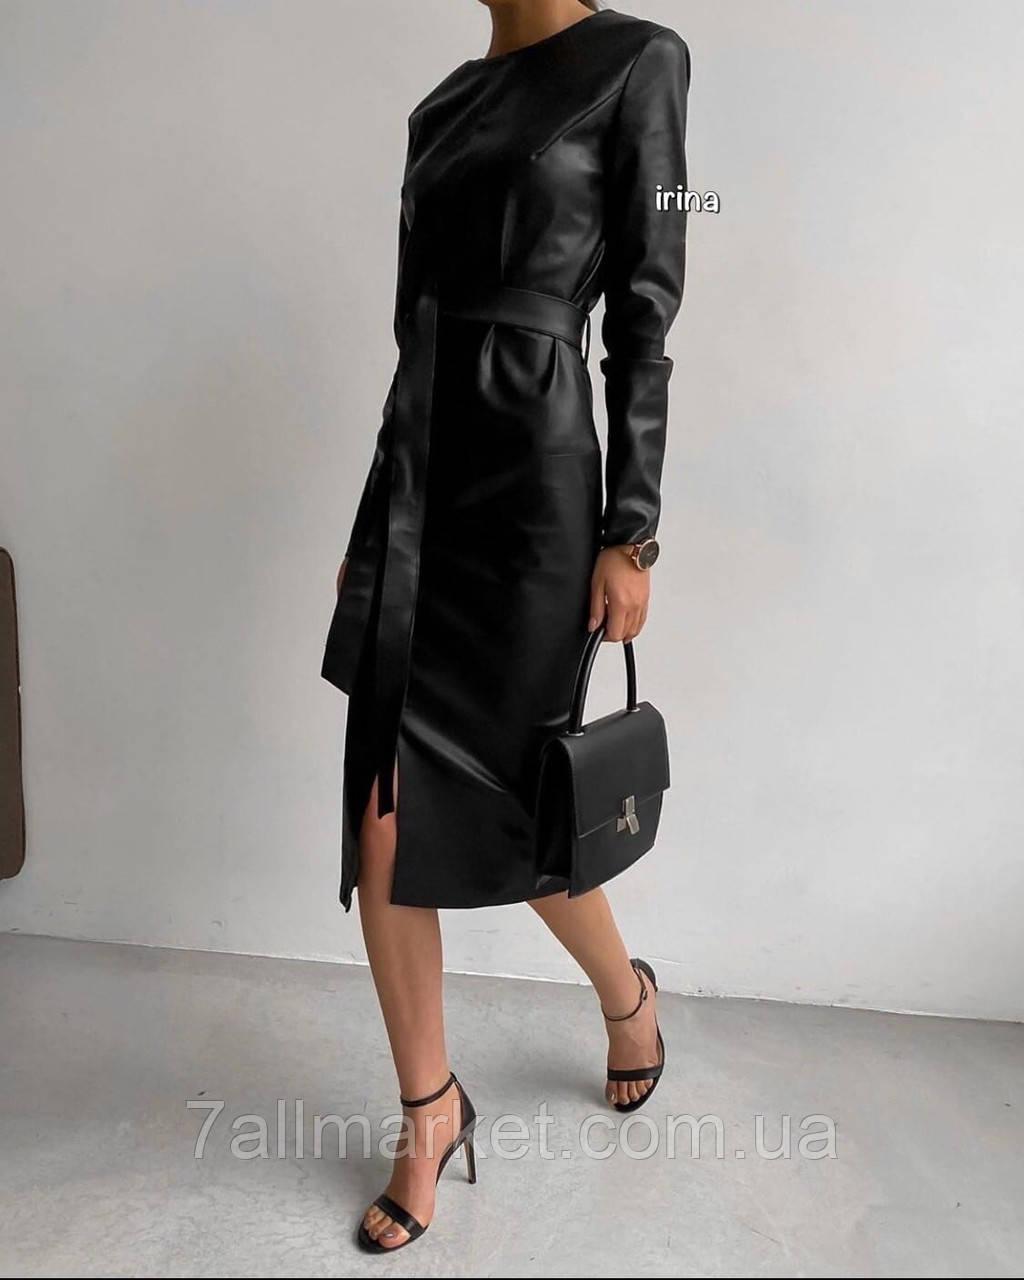 """Сукня жіноча стильну еко-шкіра з поясом, розміри S-L """"IRINA"""" купити недорого від прямого постачальника"""